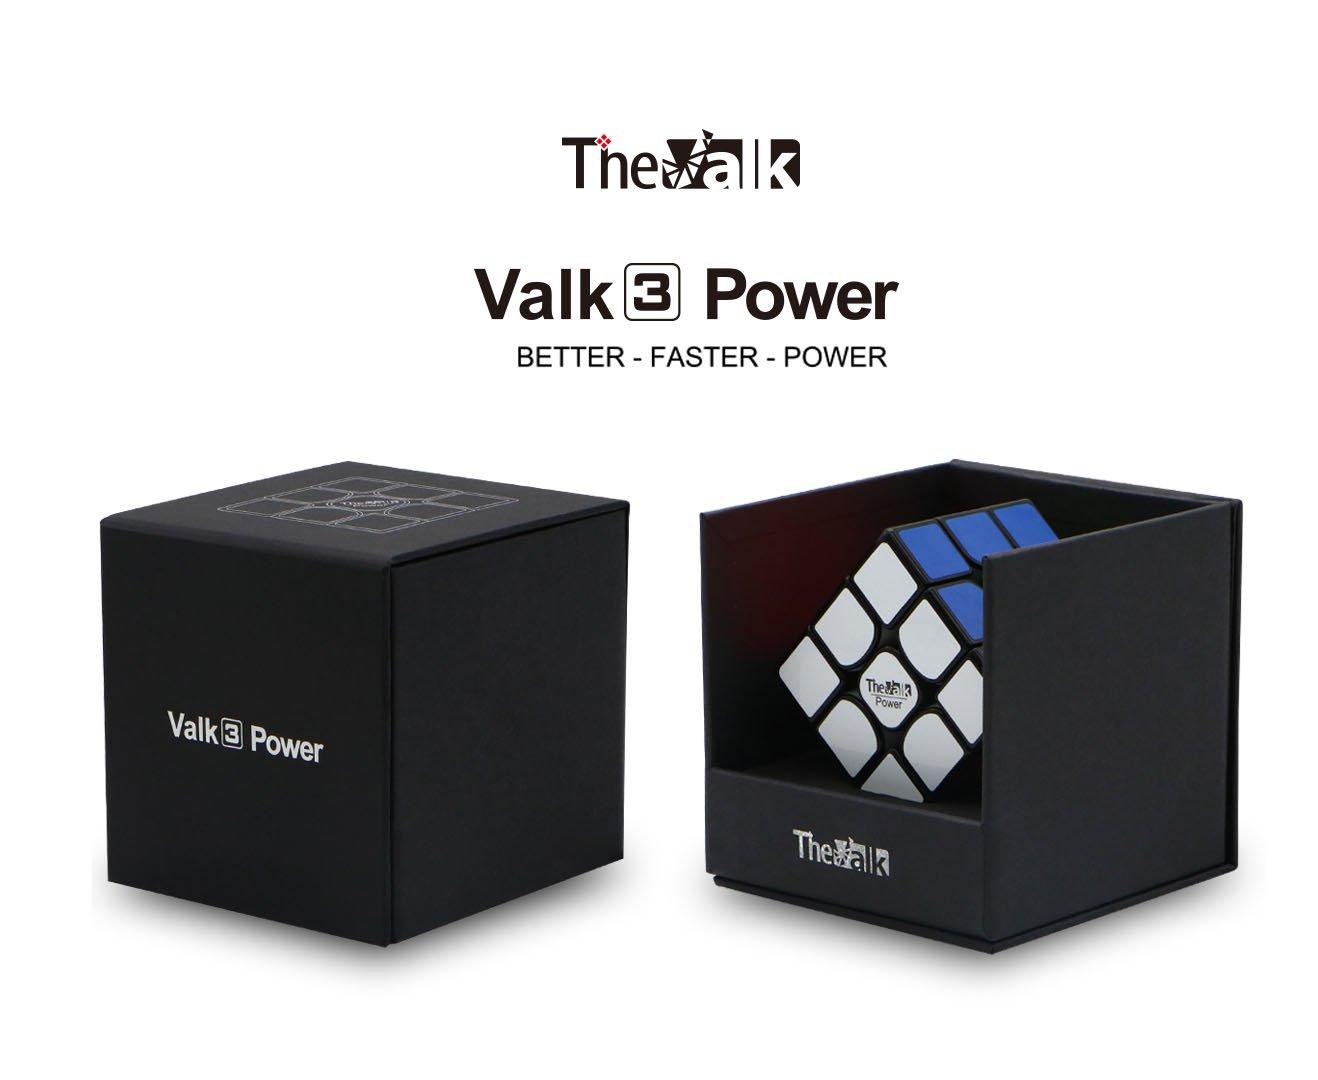 OJIN QiYi VALK 3 Power Valk3 Power Magic Cube 3x3x3 Smooth Puzzle Magic Cube con One Cube Tripod y One Cube Bag Sin Etiquetas